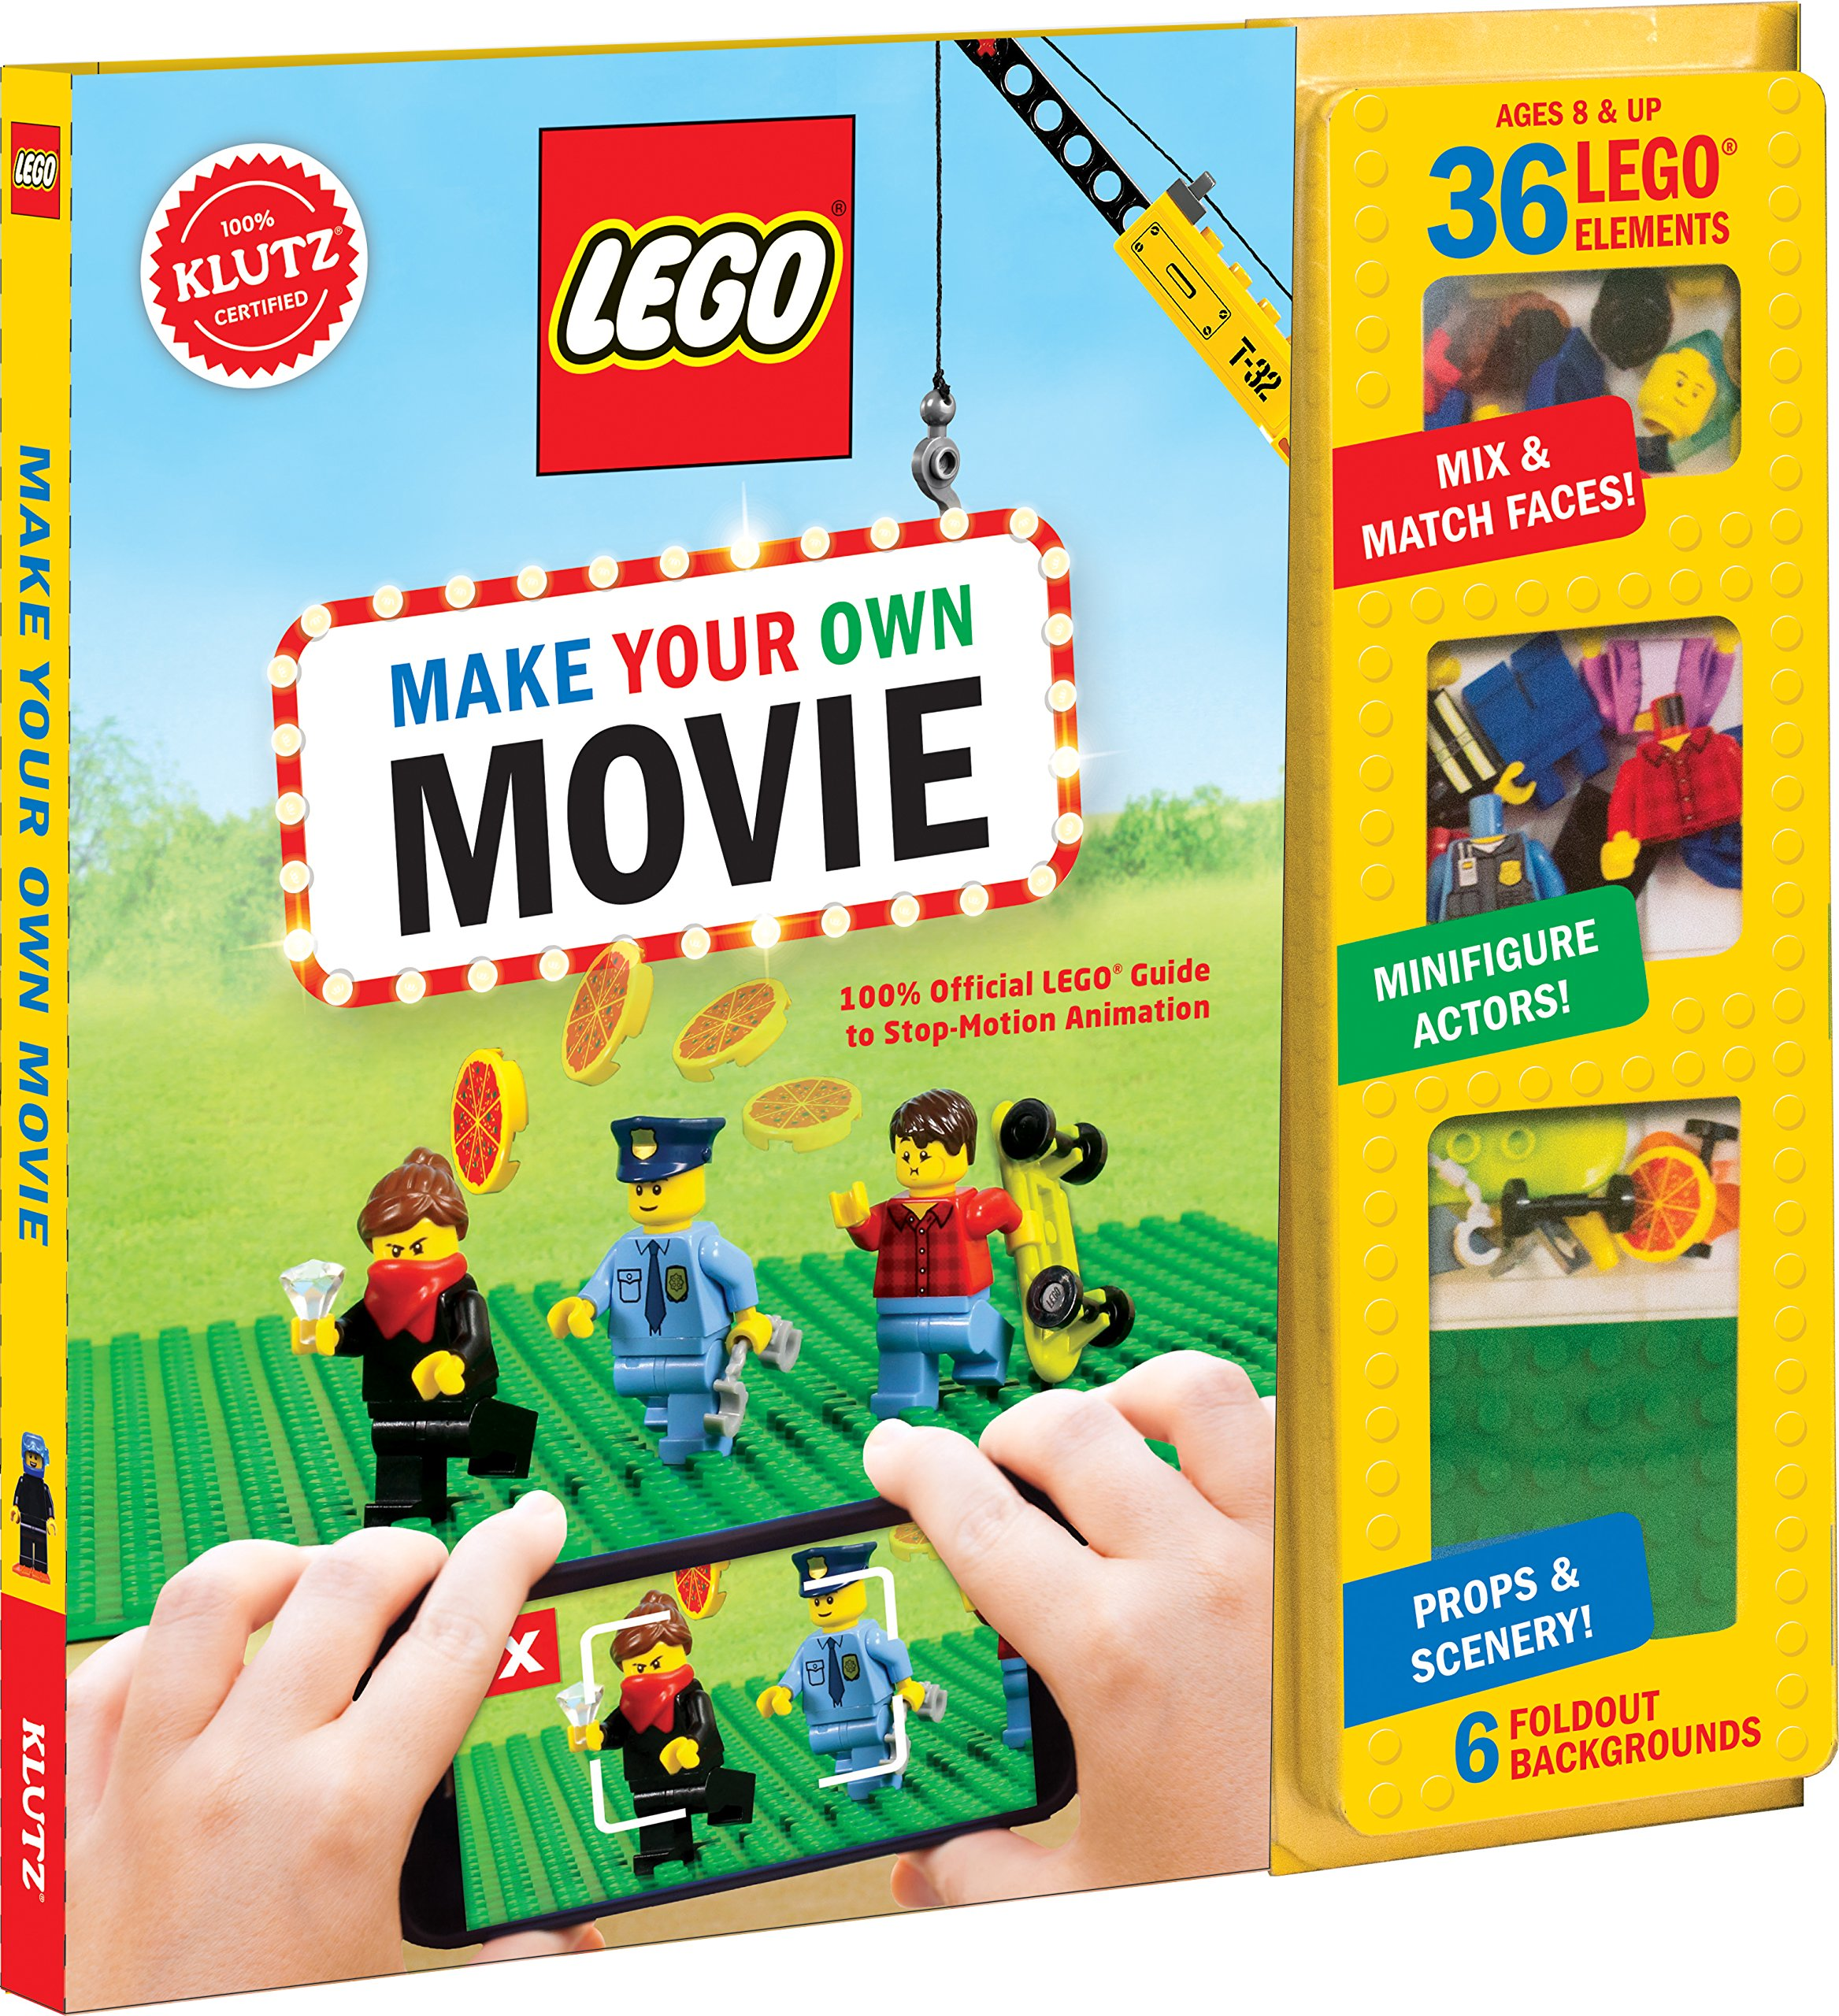 Klutz Lego Make Your Own Movie Kit